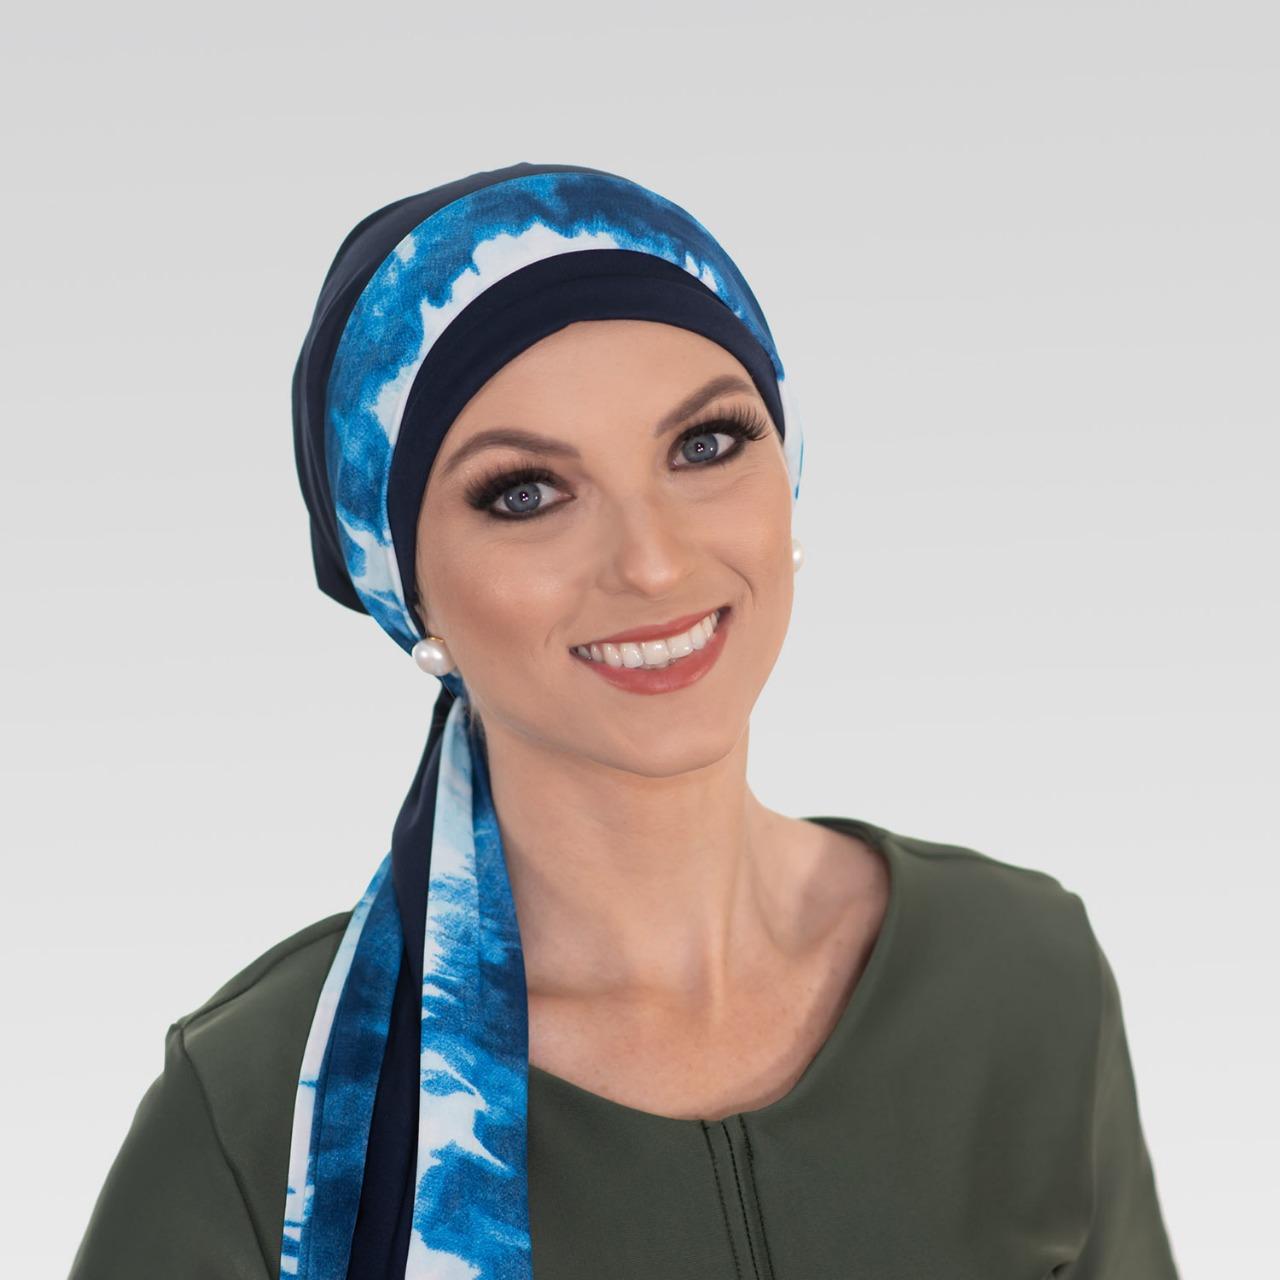 Conjunto Turbante Azul Marinho + Faixa Tie Dye